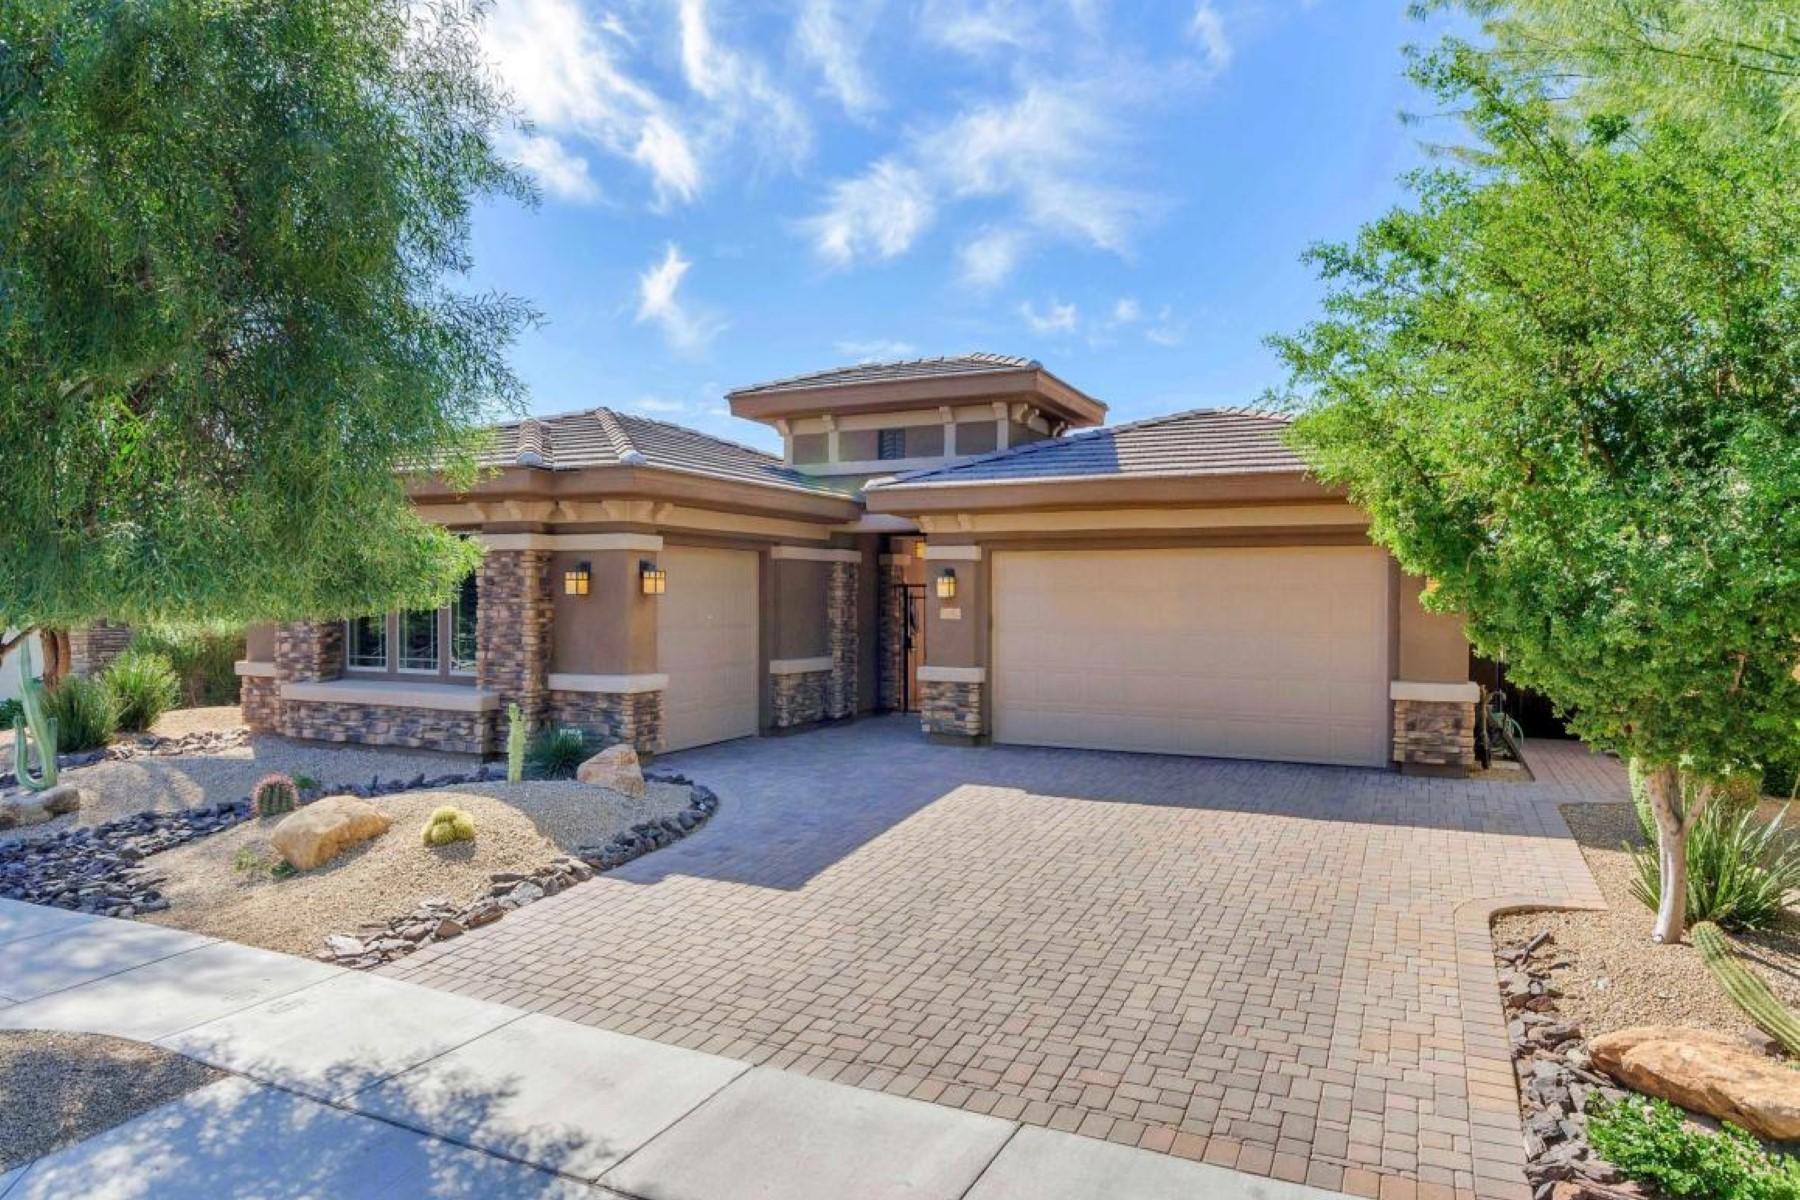 Casa Unifamiliar por un Venta en Stunningly beautiful home in Sonoran Foothills 1725 W Burnside Trl Phoenix, Arizona, 85085 Estados Unidos